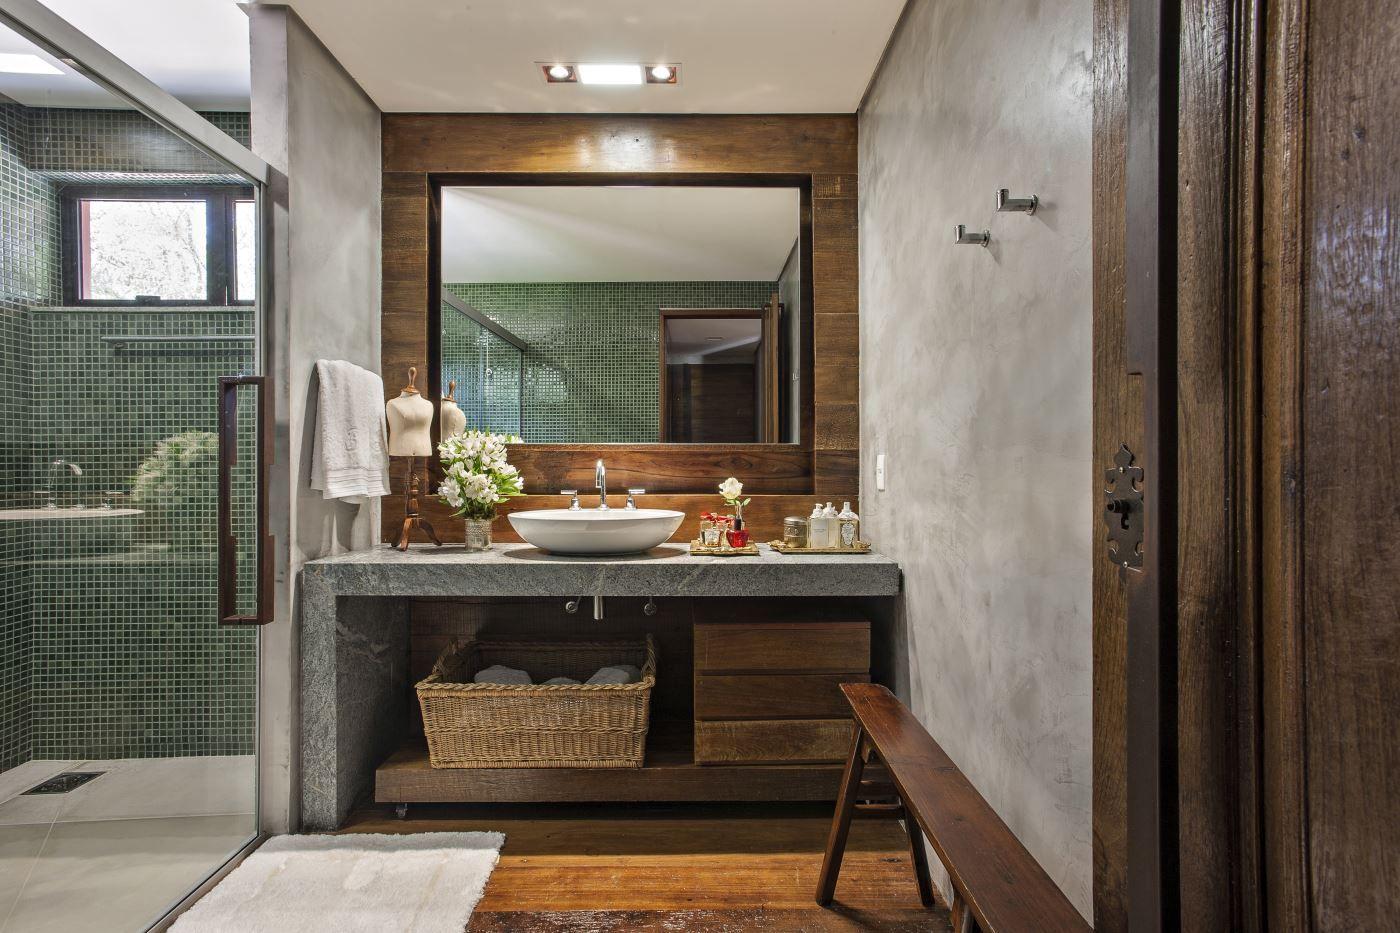 Muebles De Bano Fazenda - Casa De Fazenda R Stica E Sofisticada Maravilhosa Entre E Conhe A [mjhdah]https://i.pinimg.com/originals/c7/22/b2/c722b23b5b4054fcb25cd047492a882e.jpg